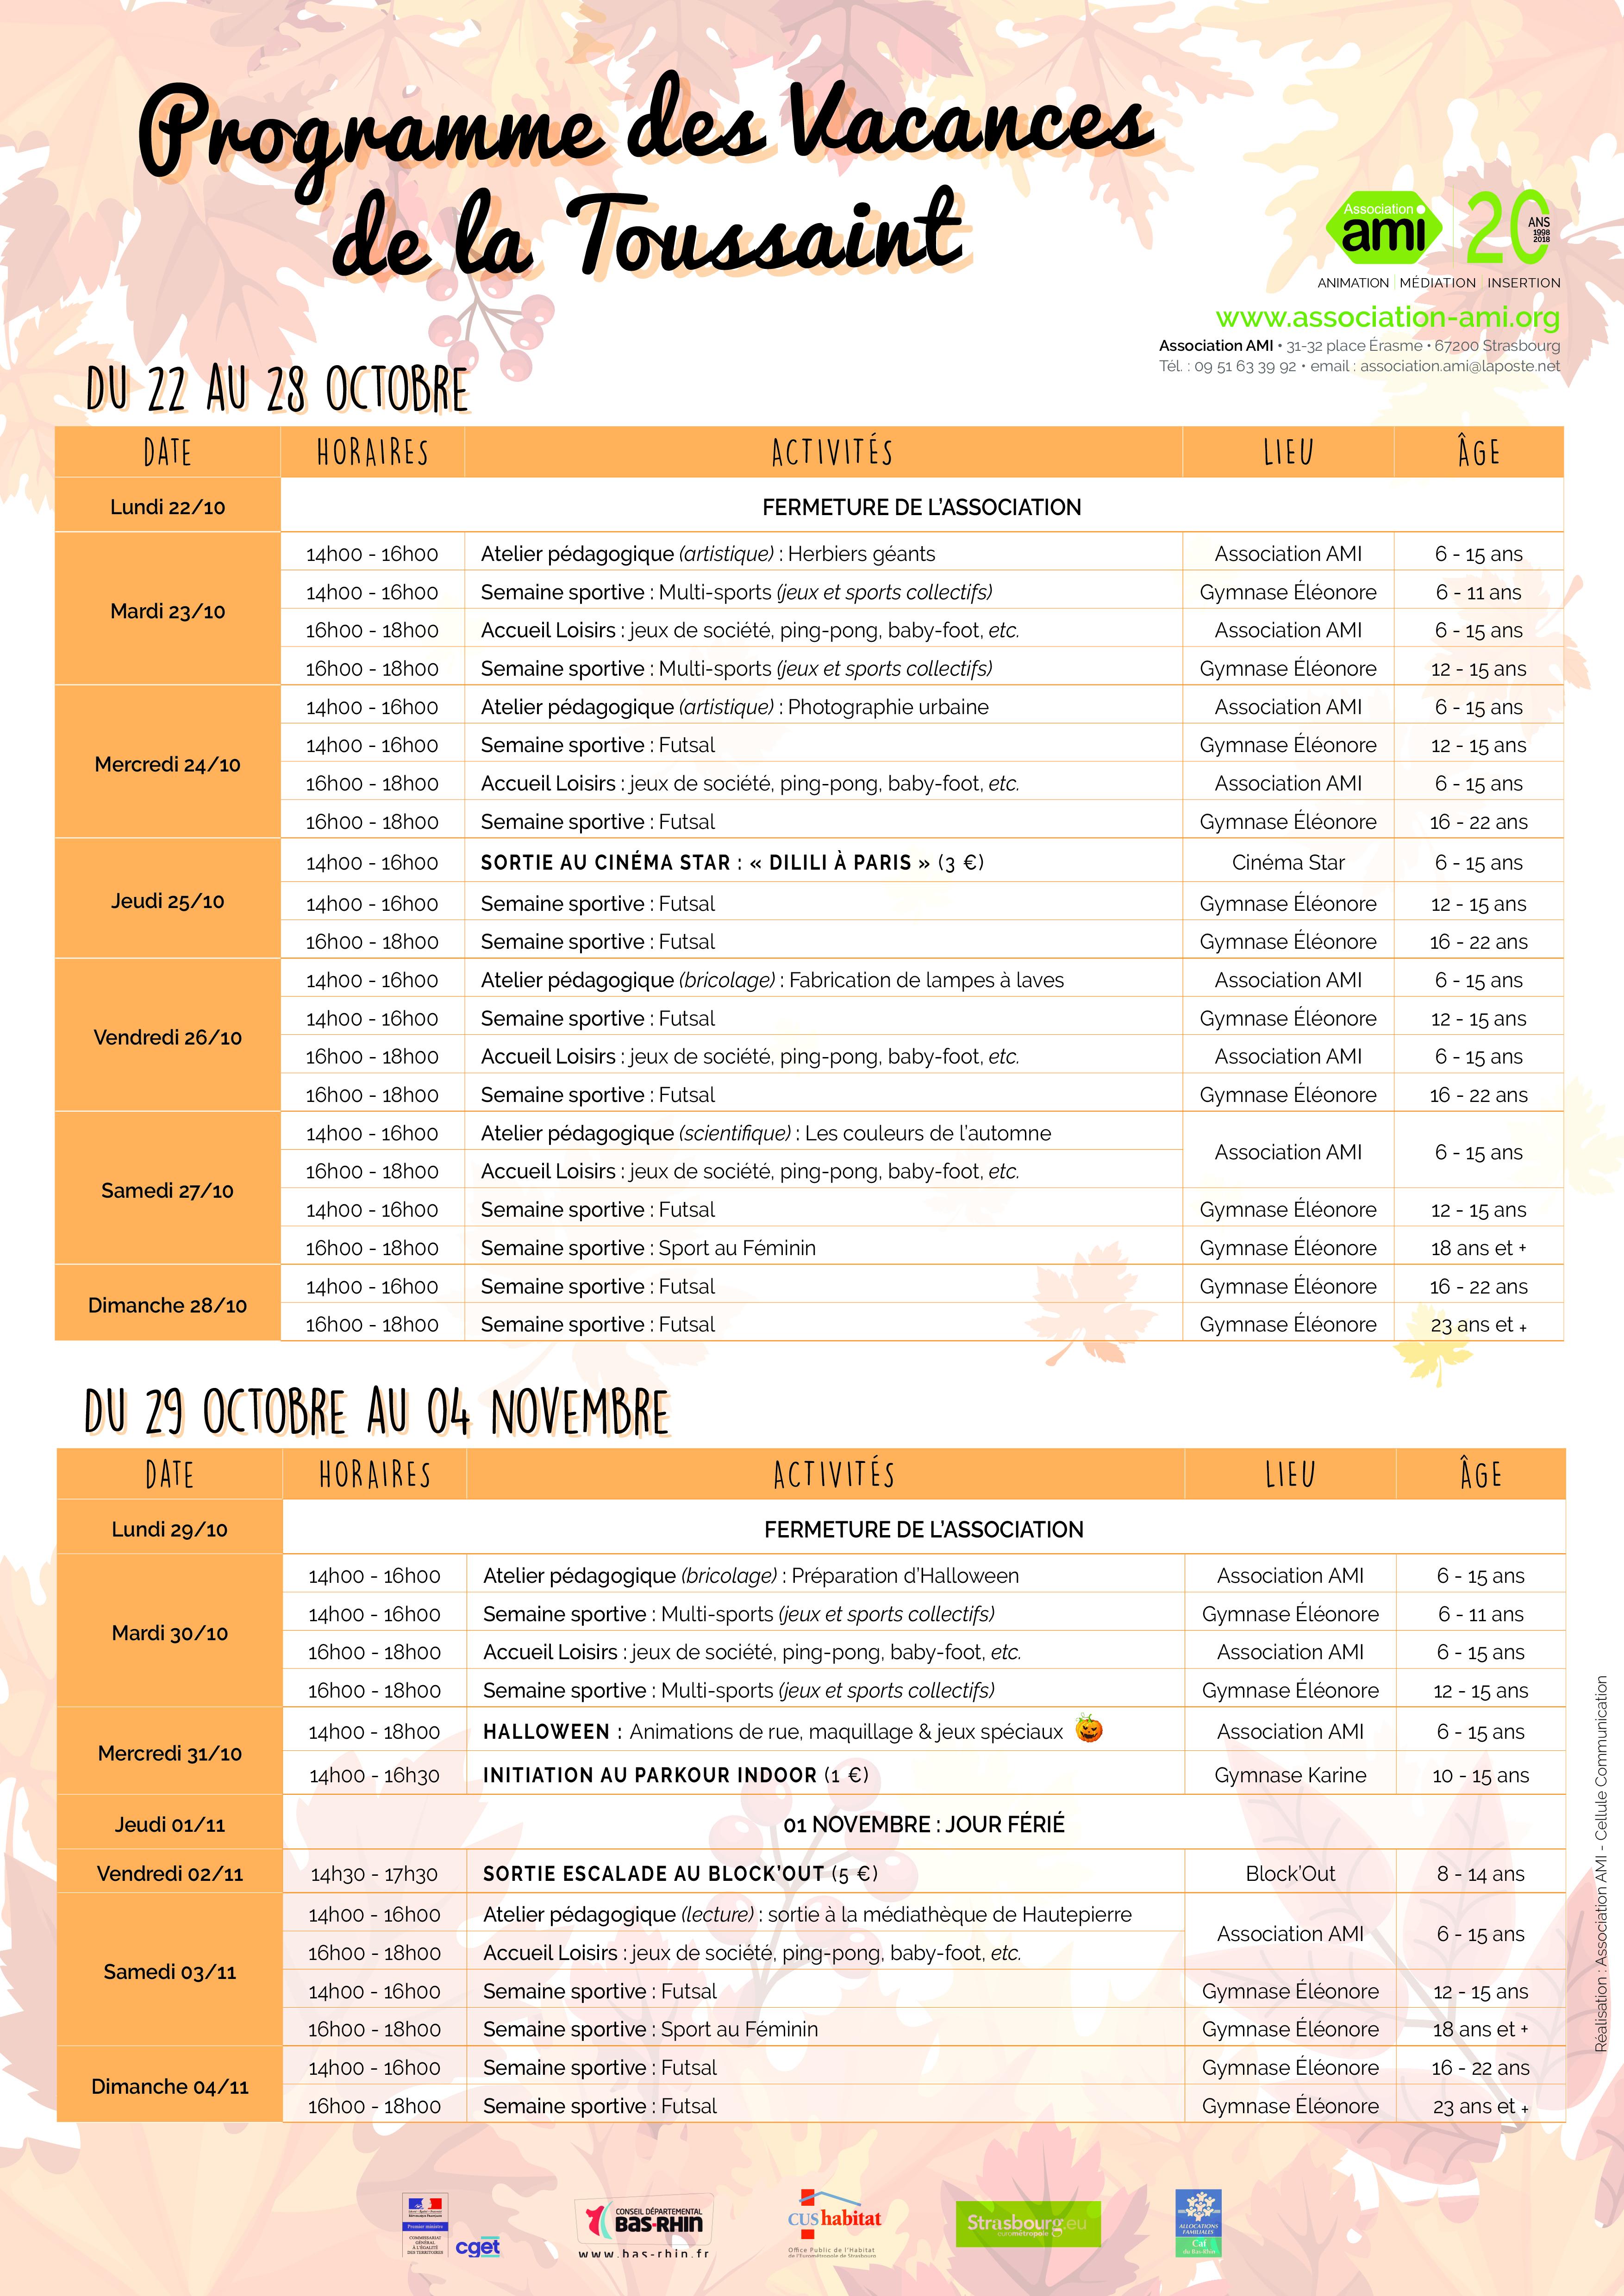 Programme des vacances de la Toussaint !